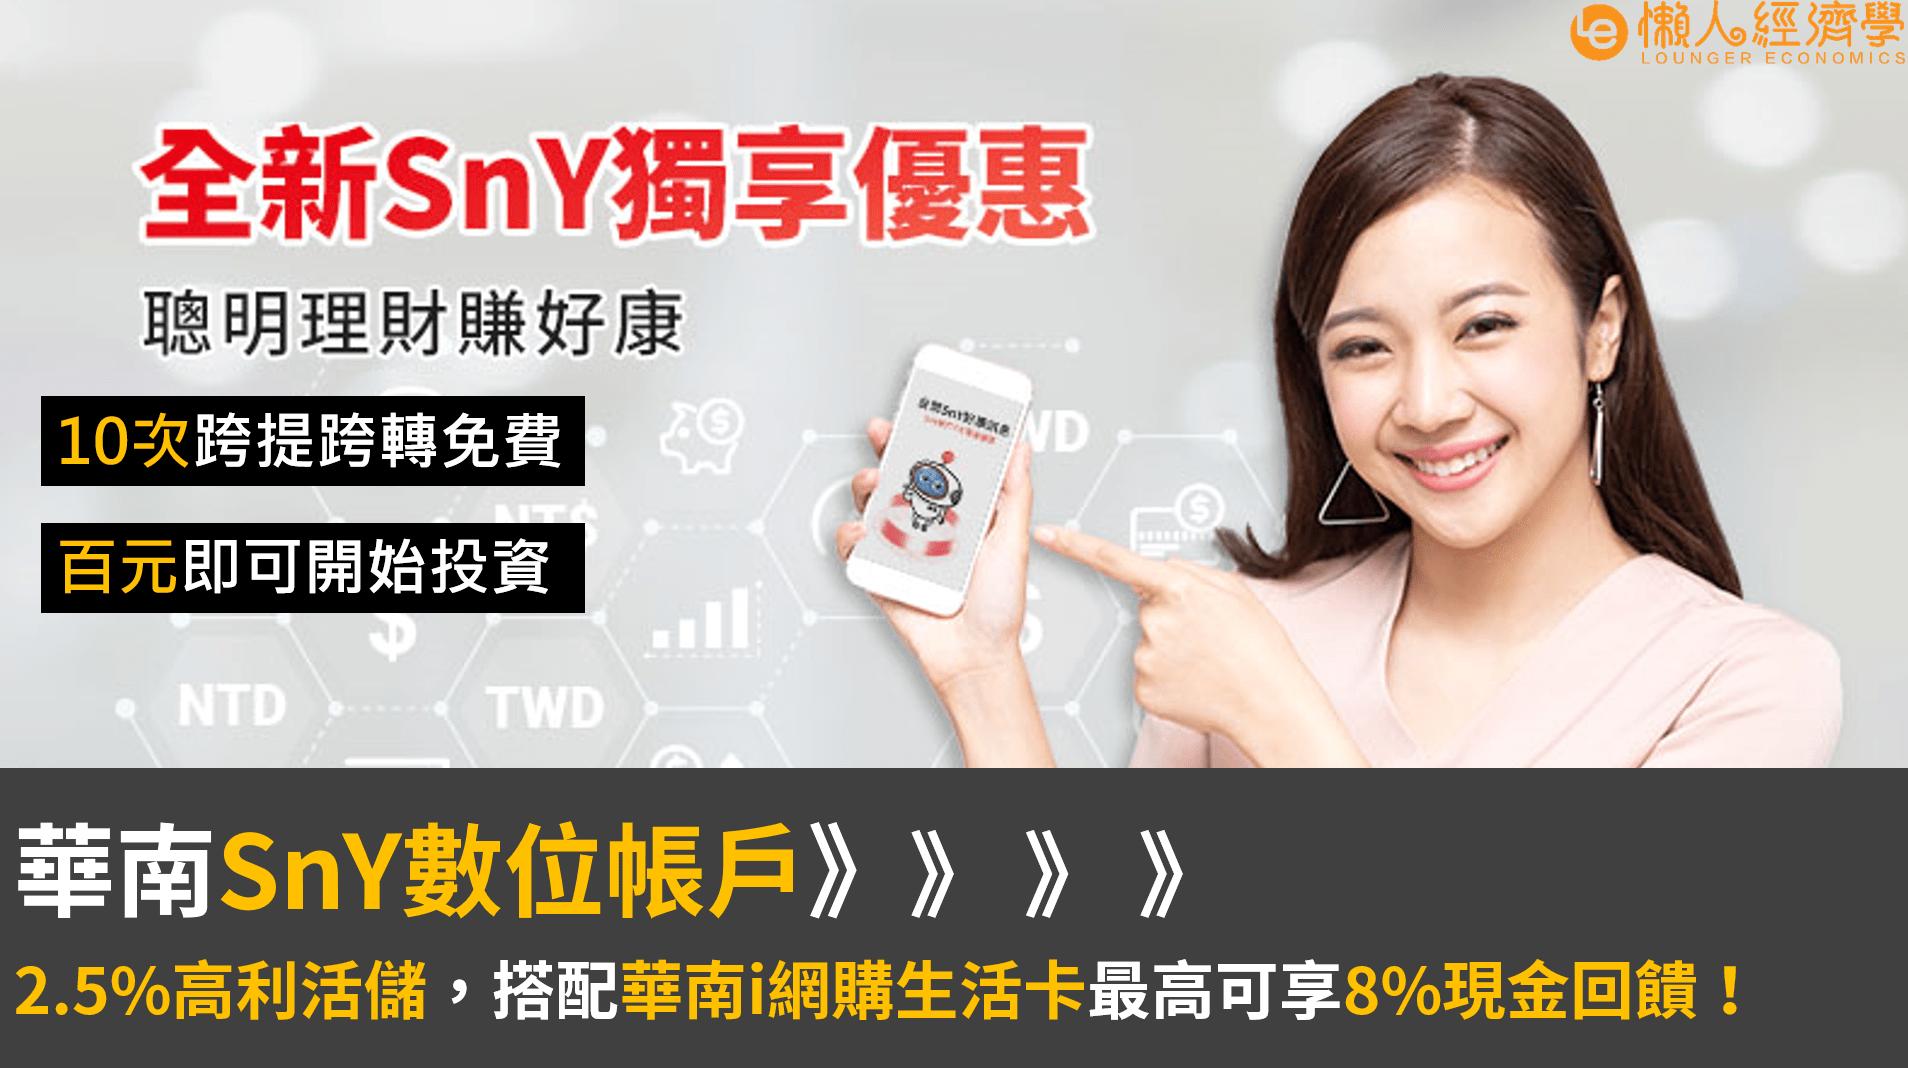 華南數位帳戶介紹:SNY帳戶值得申辦嗎?如何拿2.5%高利活儲!優惠總整理